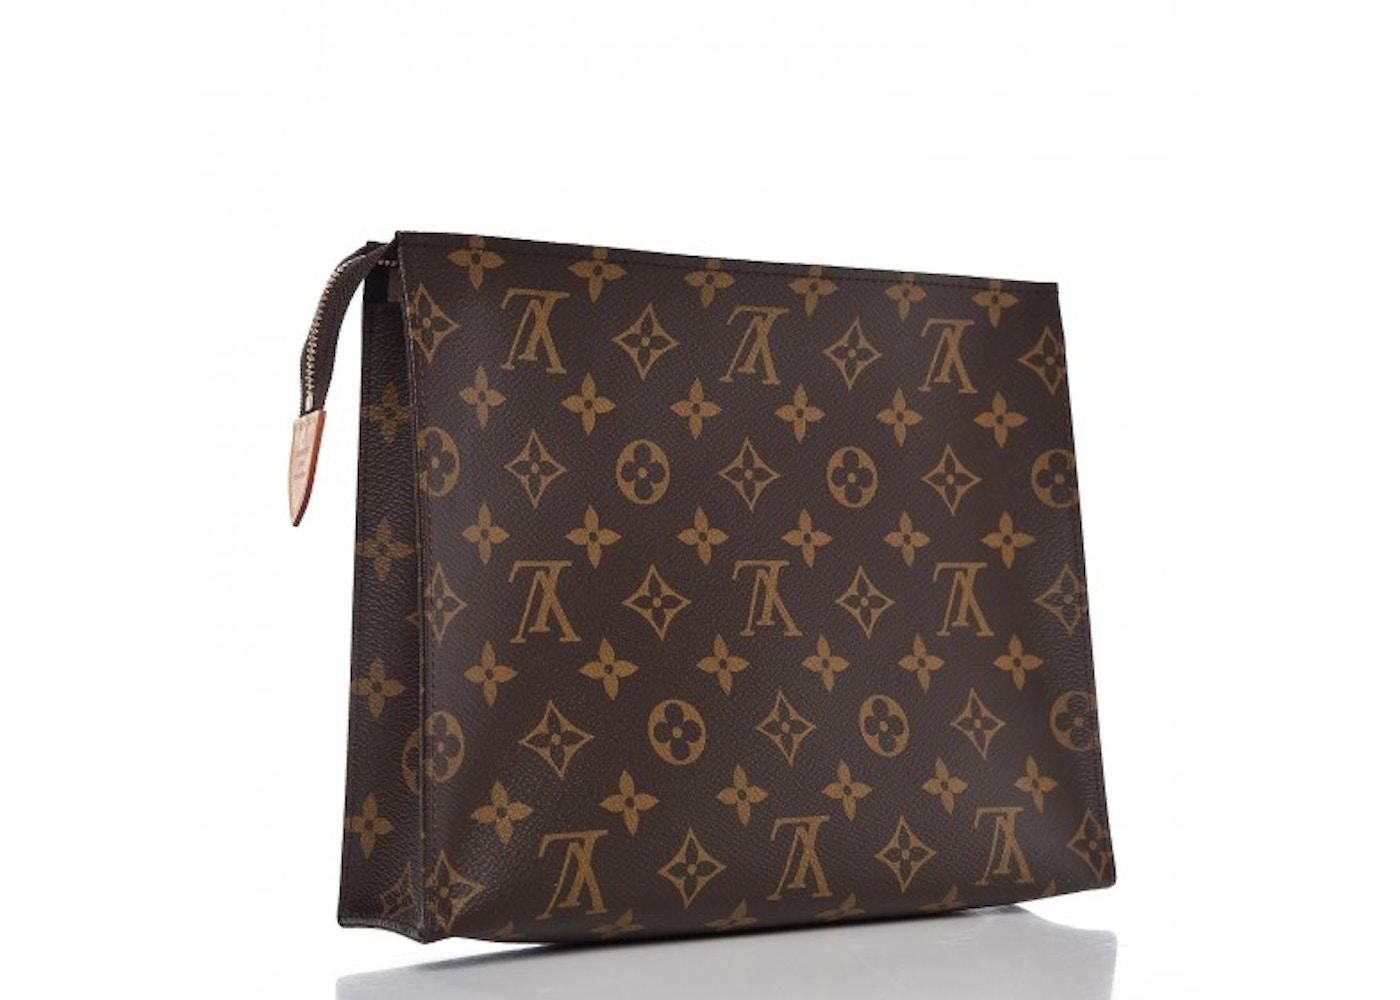 e2881e2747 Buy   Sell Luxury Handbags